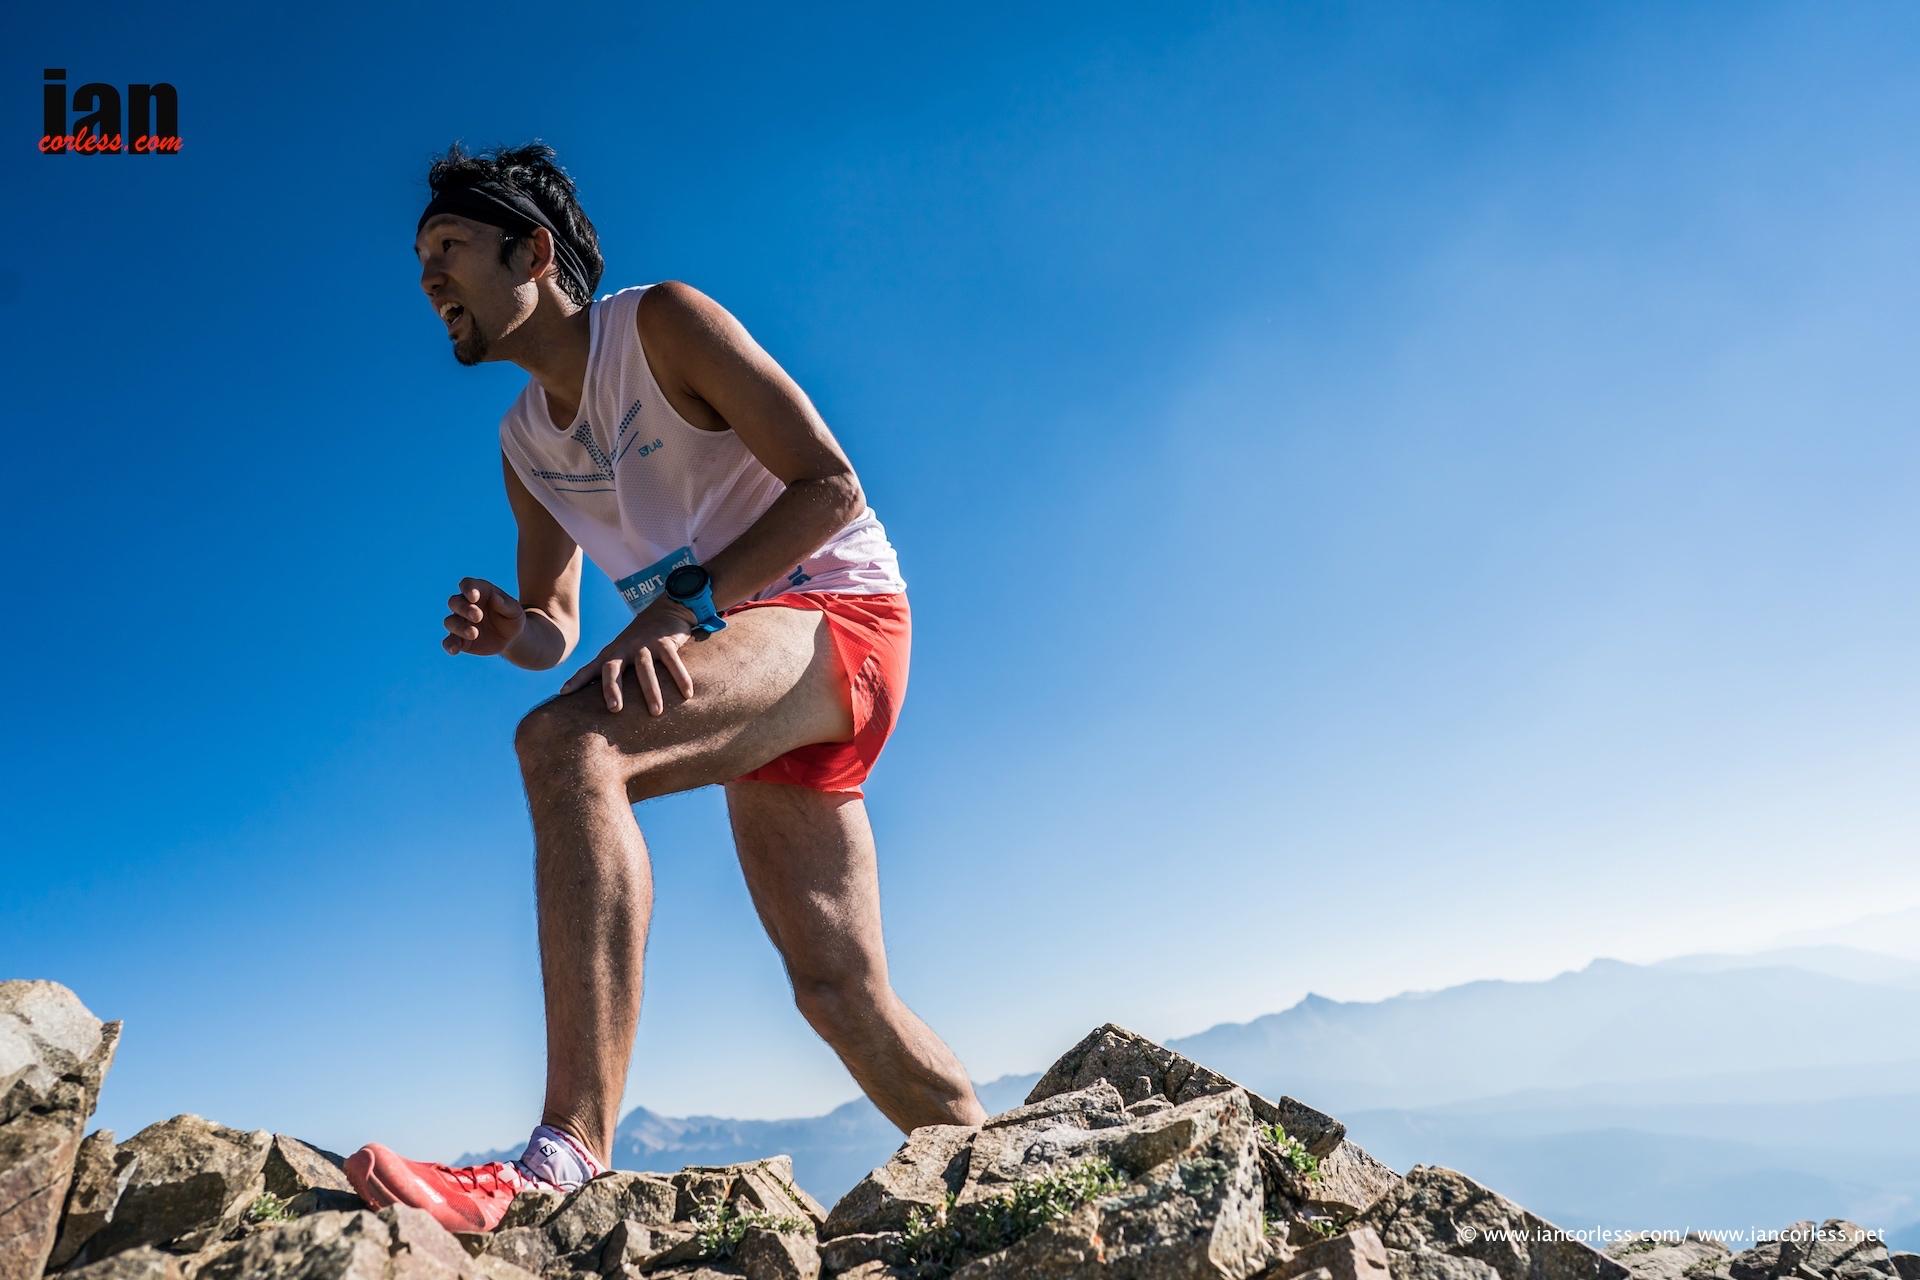 ローンピークの山頂に向かって駆け登る ?Ian Corless